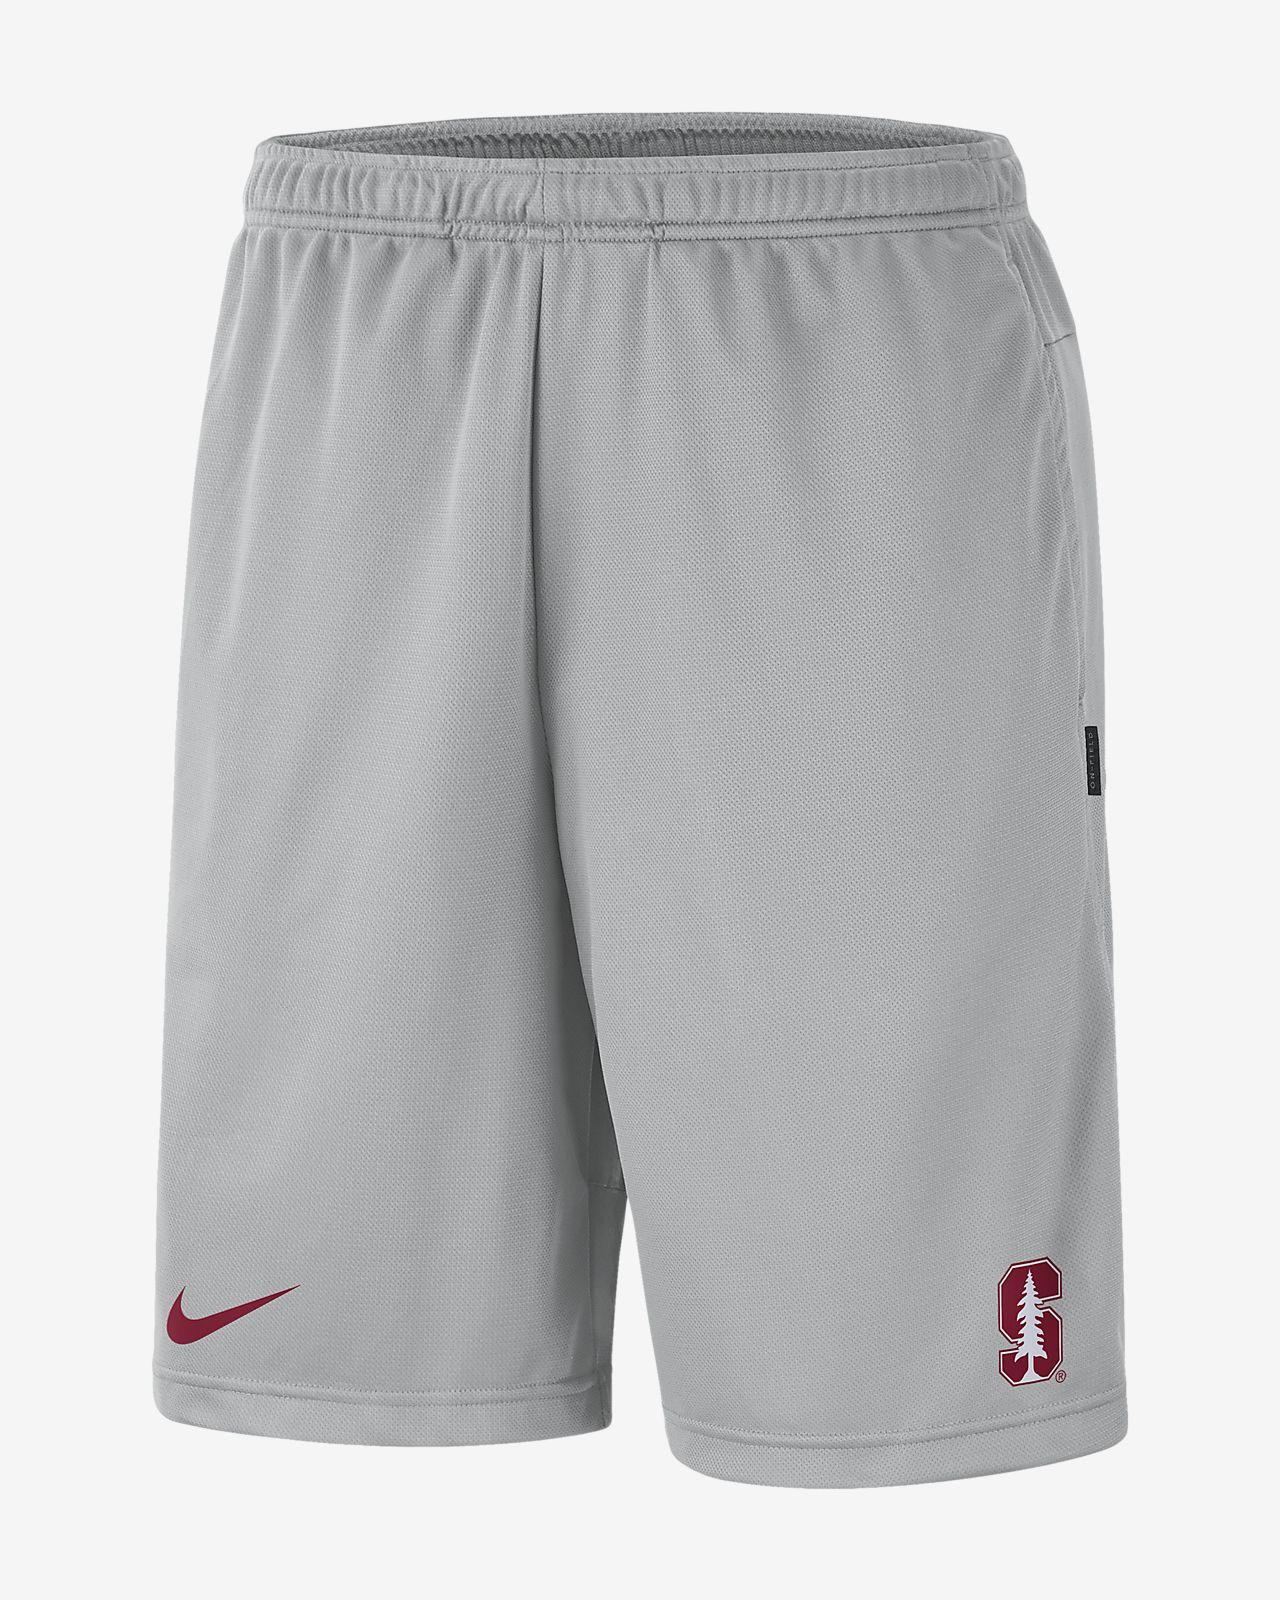 Nike College Dri-FIT Coach (Stanford) Men's Shorts